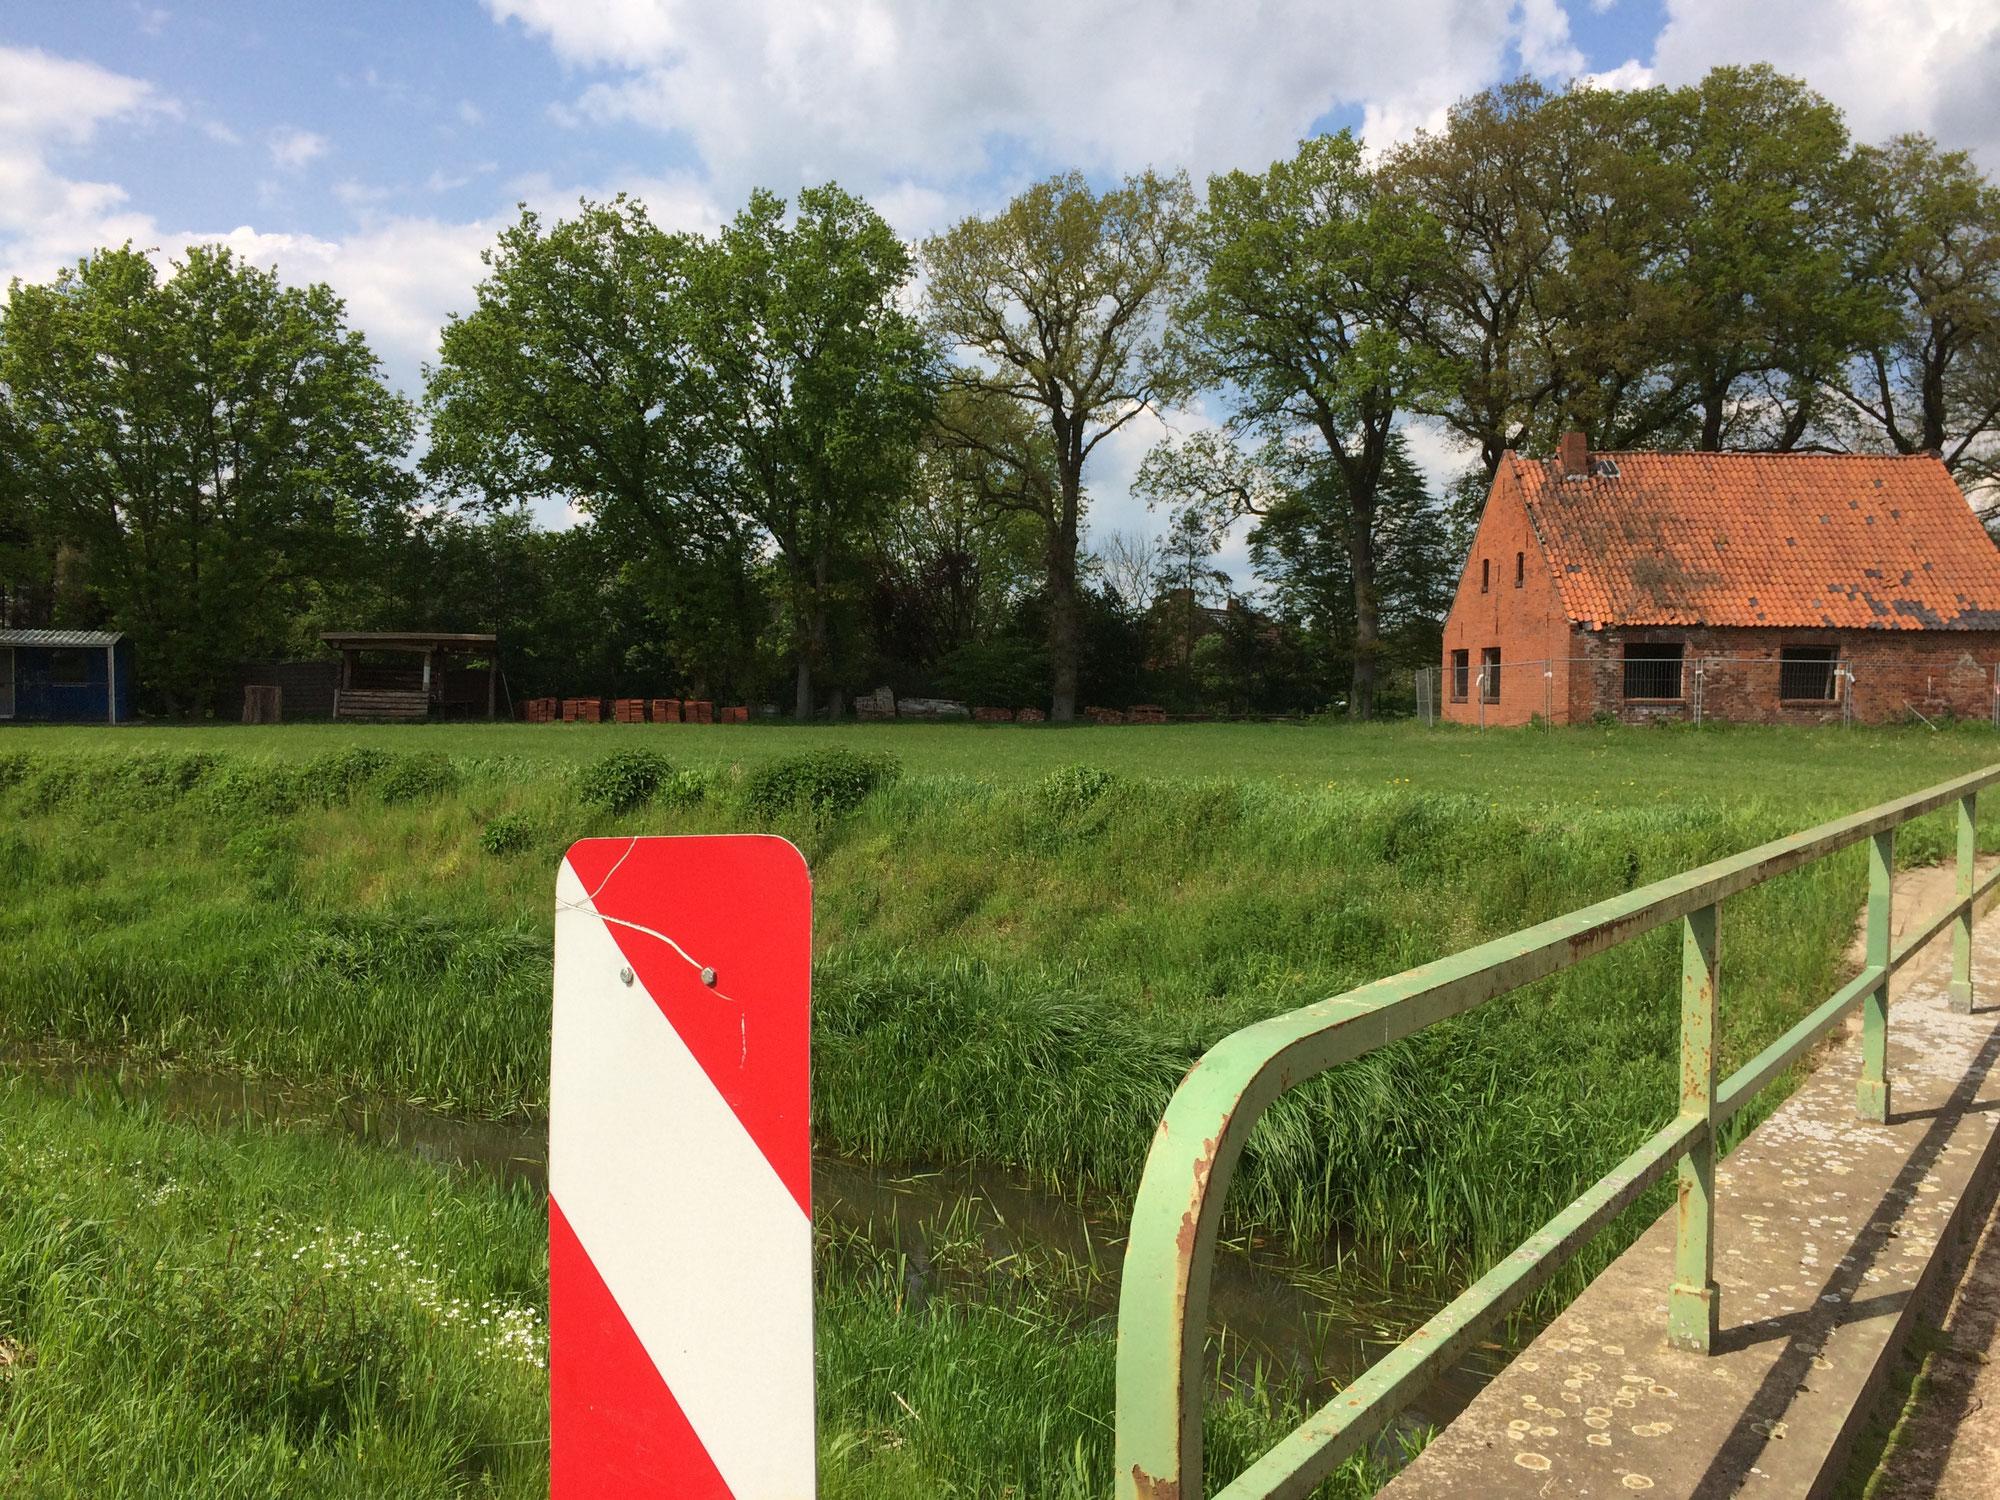 Kein Schleusenteufel-Vereinsheim in Gahlstorf